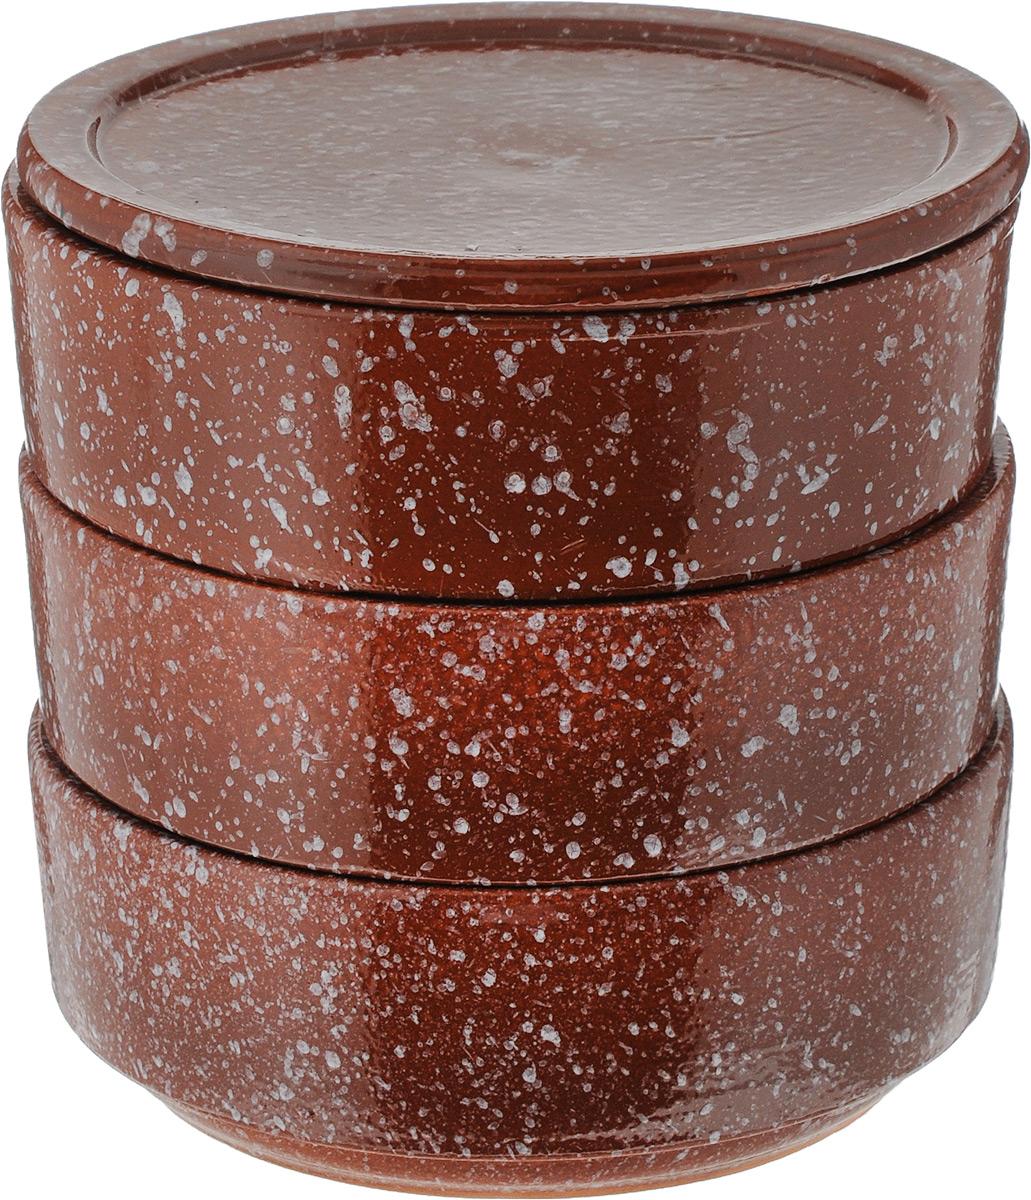 Набор блюд для холодца Ломоносовская керамика, с крышкой, цвет: коричневый, 0,65 л, 3 шт2Н3мк-17Блюда Ломоносовская керамика, изготовленные из глины, предназначены для приготовления и хранения заливного или холодца. В комплект входит плоская керамическая крышка. Также блюда можно использовать для приготовления и хранения салатов. Такие блюда украсят сервировку вашего стола и подчеркнут прекрасный вкус хозяйки. Диаметр блюда: 15,2 см, Высота блюда: 5,5 см, Объем блюда: 0,65 л.